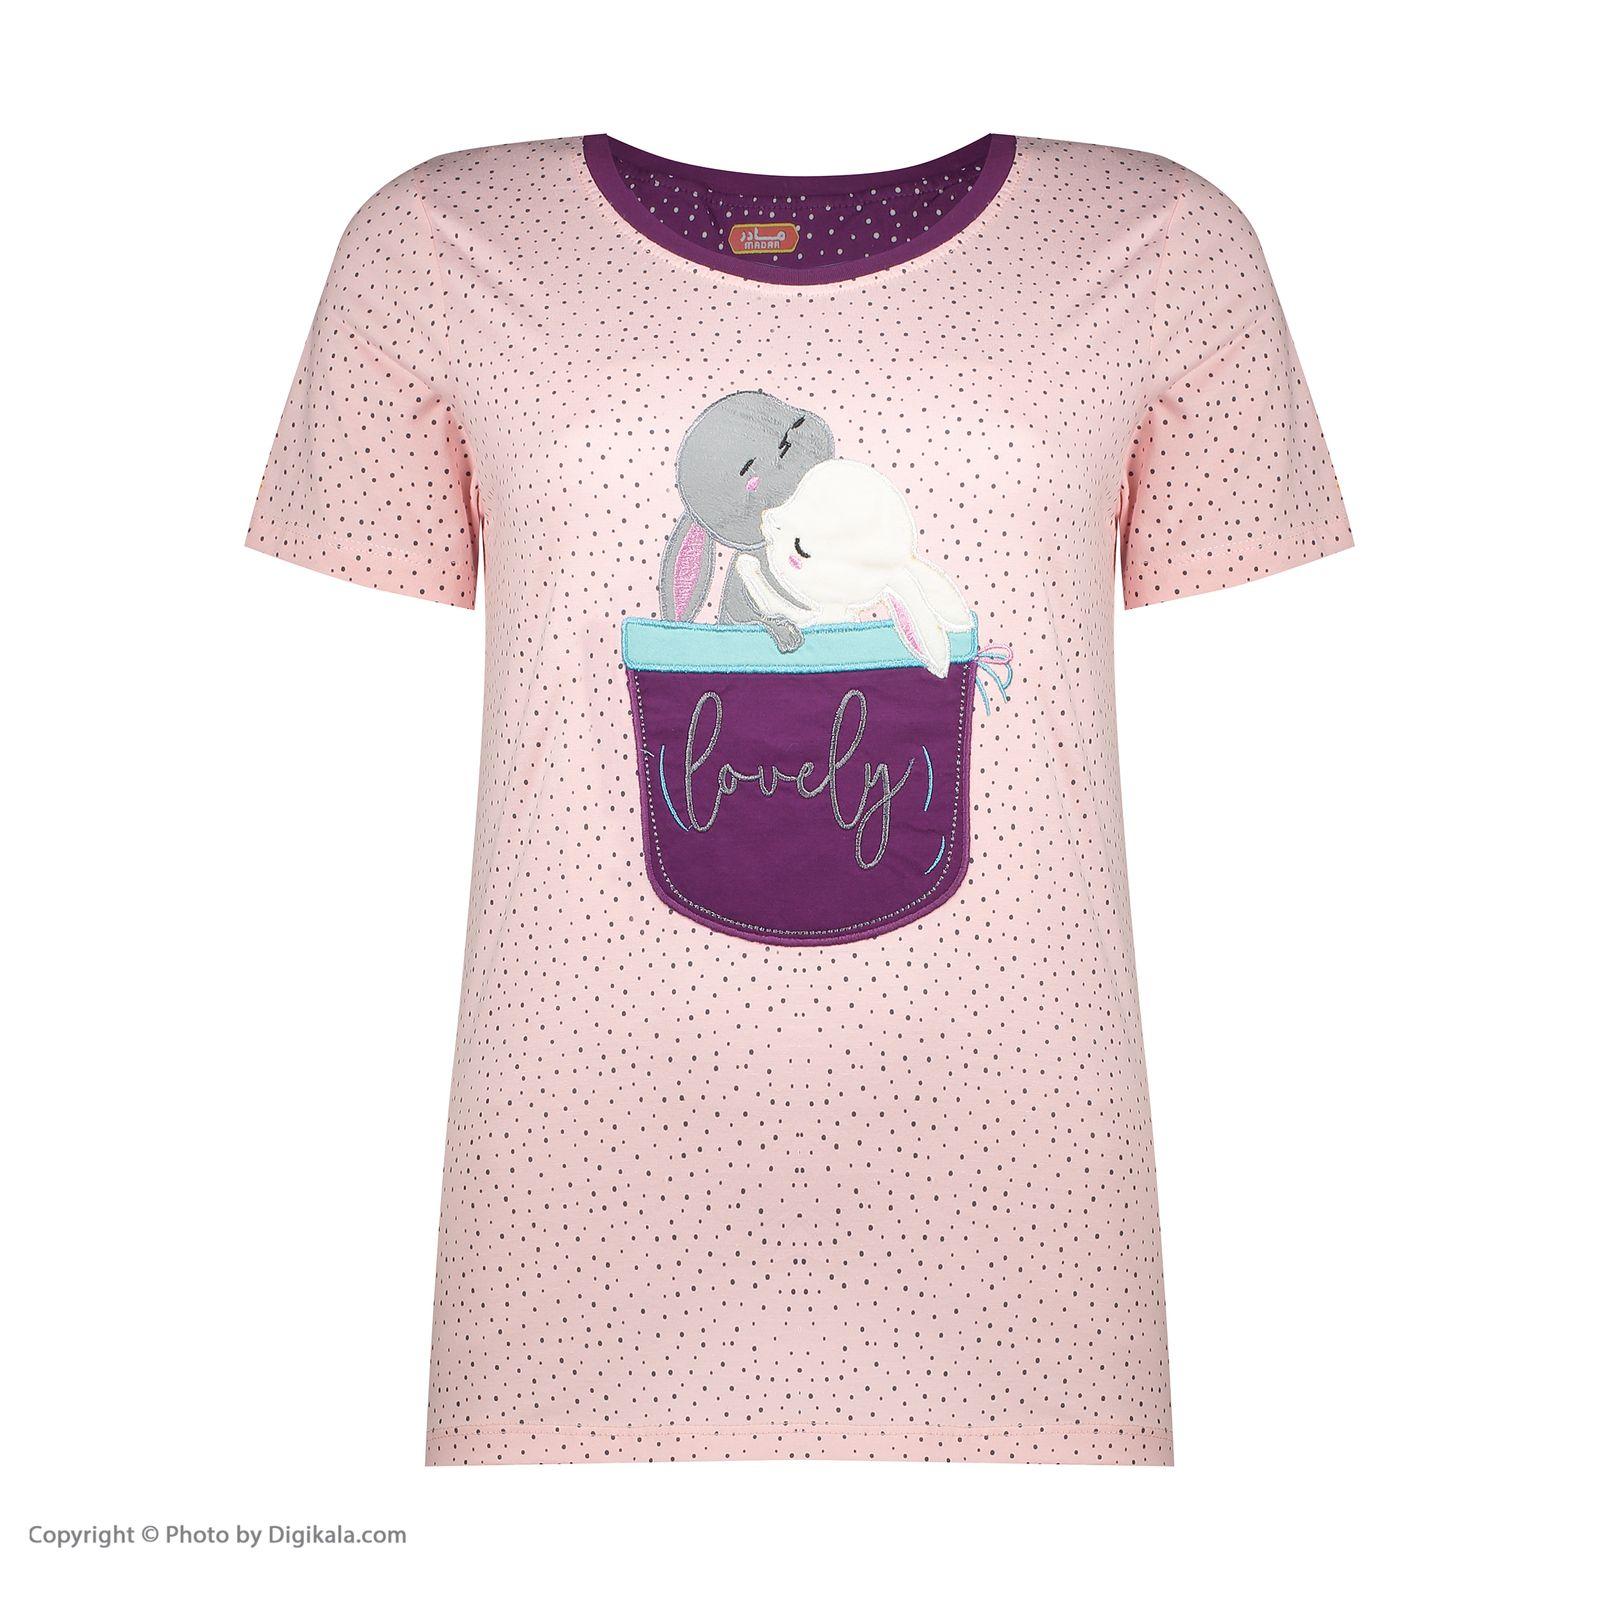 ست تی شرت و شلوارک راحتی زنانه مادر مدل 2041102-84 -  - 4